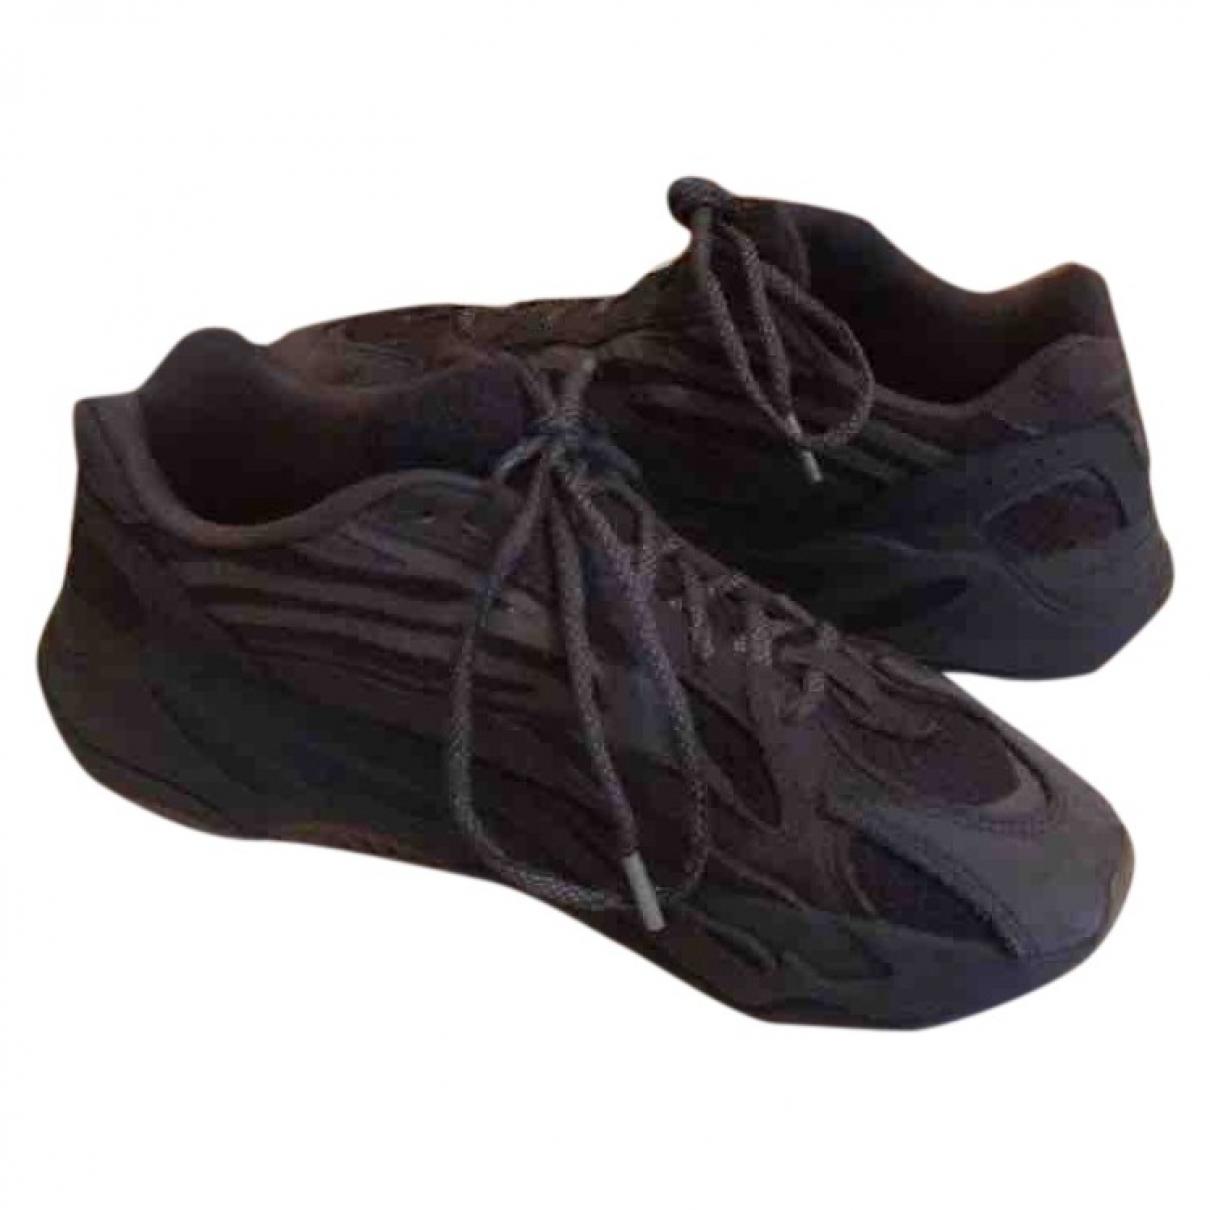 Yeezy X Adidas - Baskets Boost 700 V2 pour homme en suede - noir